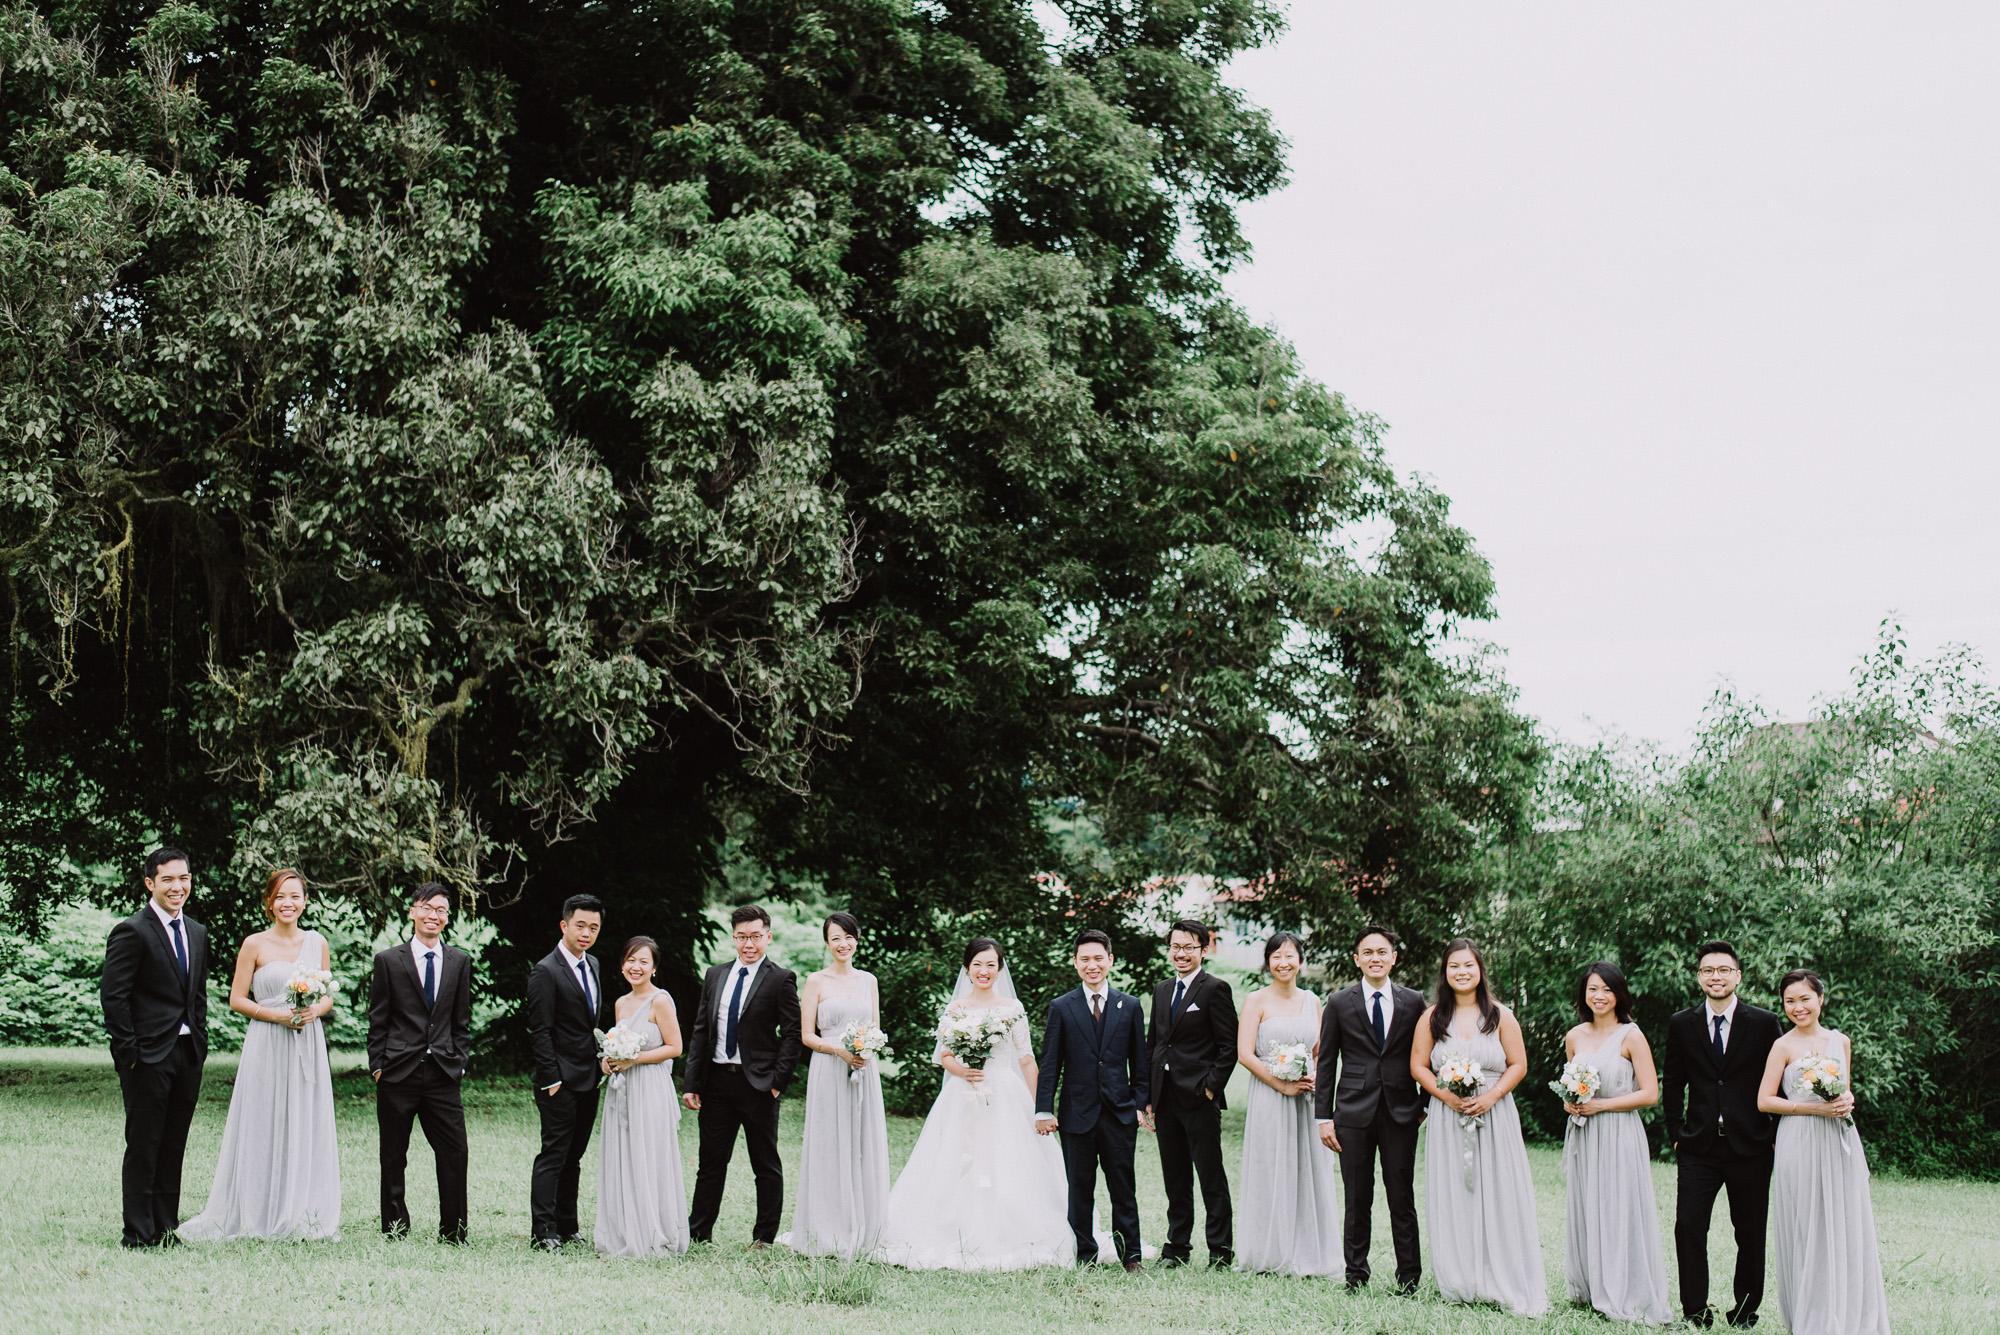 Singapore-wedding-photography-66